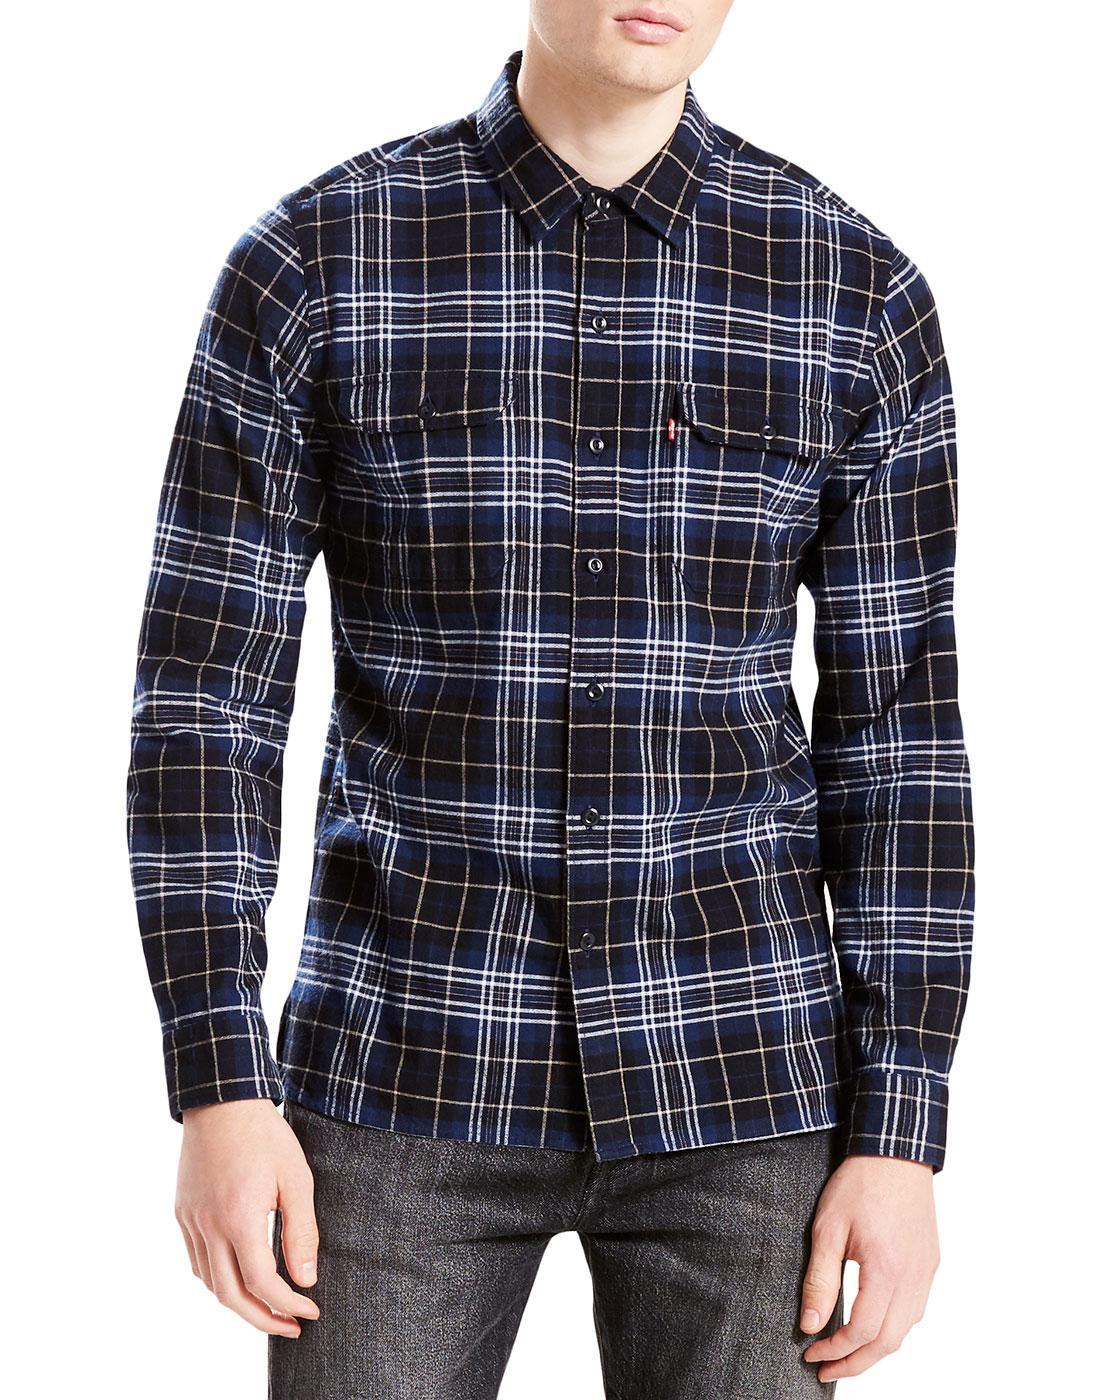 LEVI'S Jackson Retro Plaid Check Worker Shirt (DB)